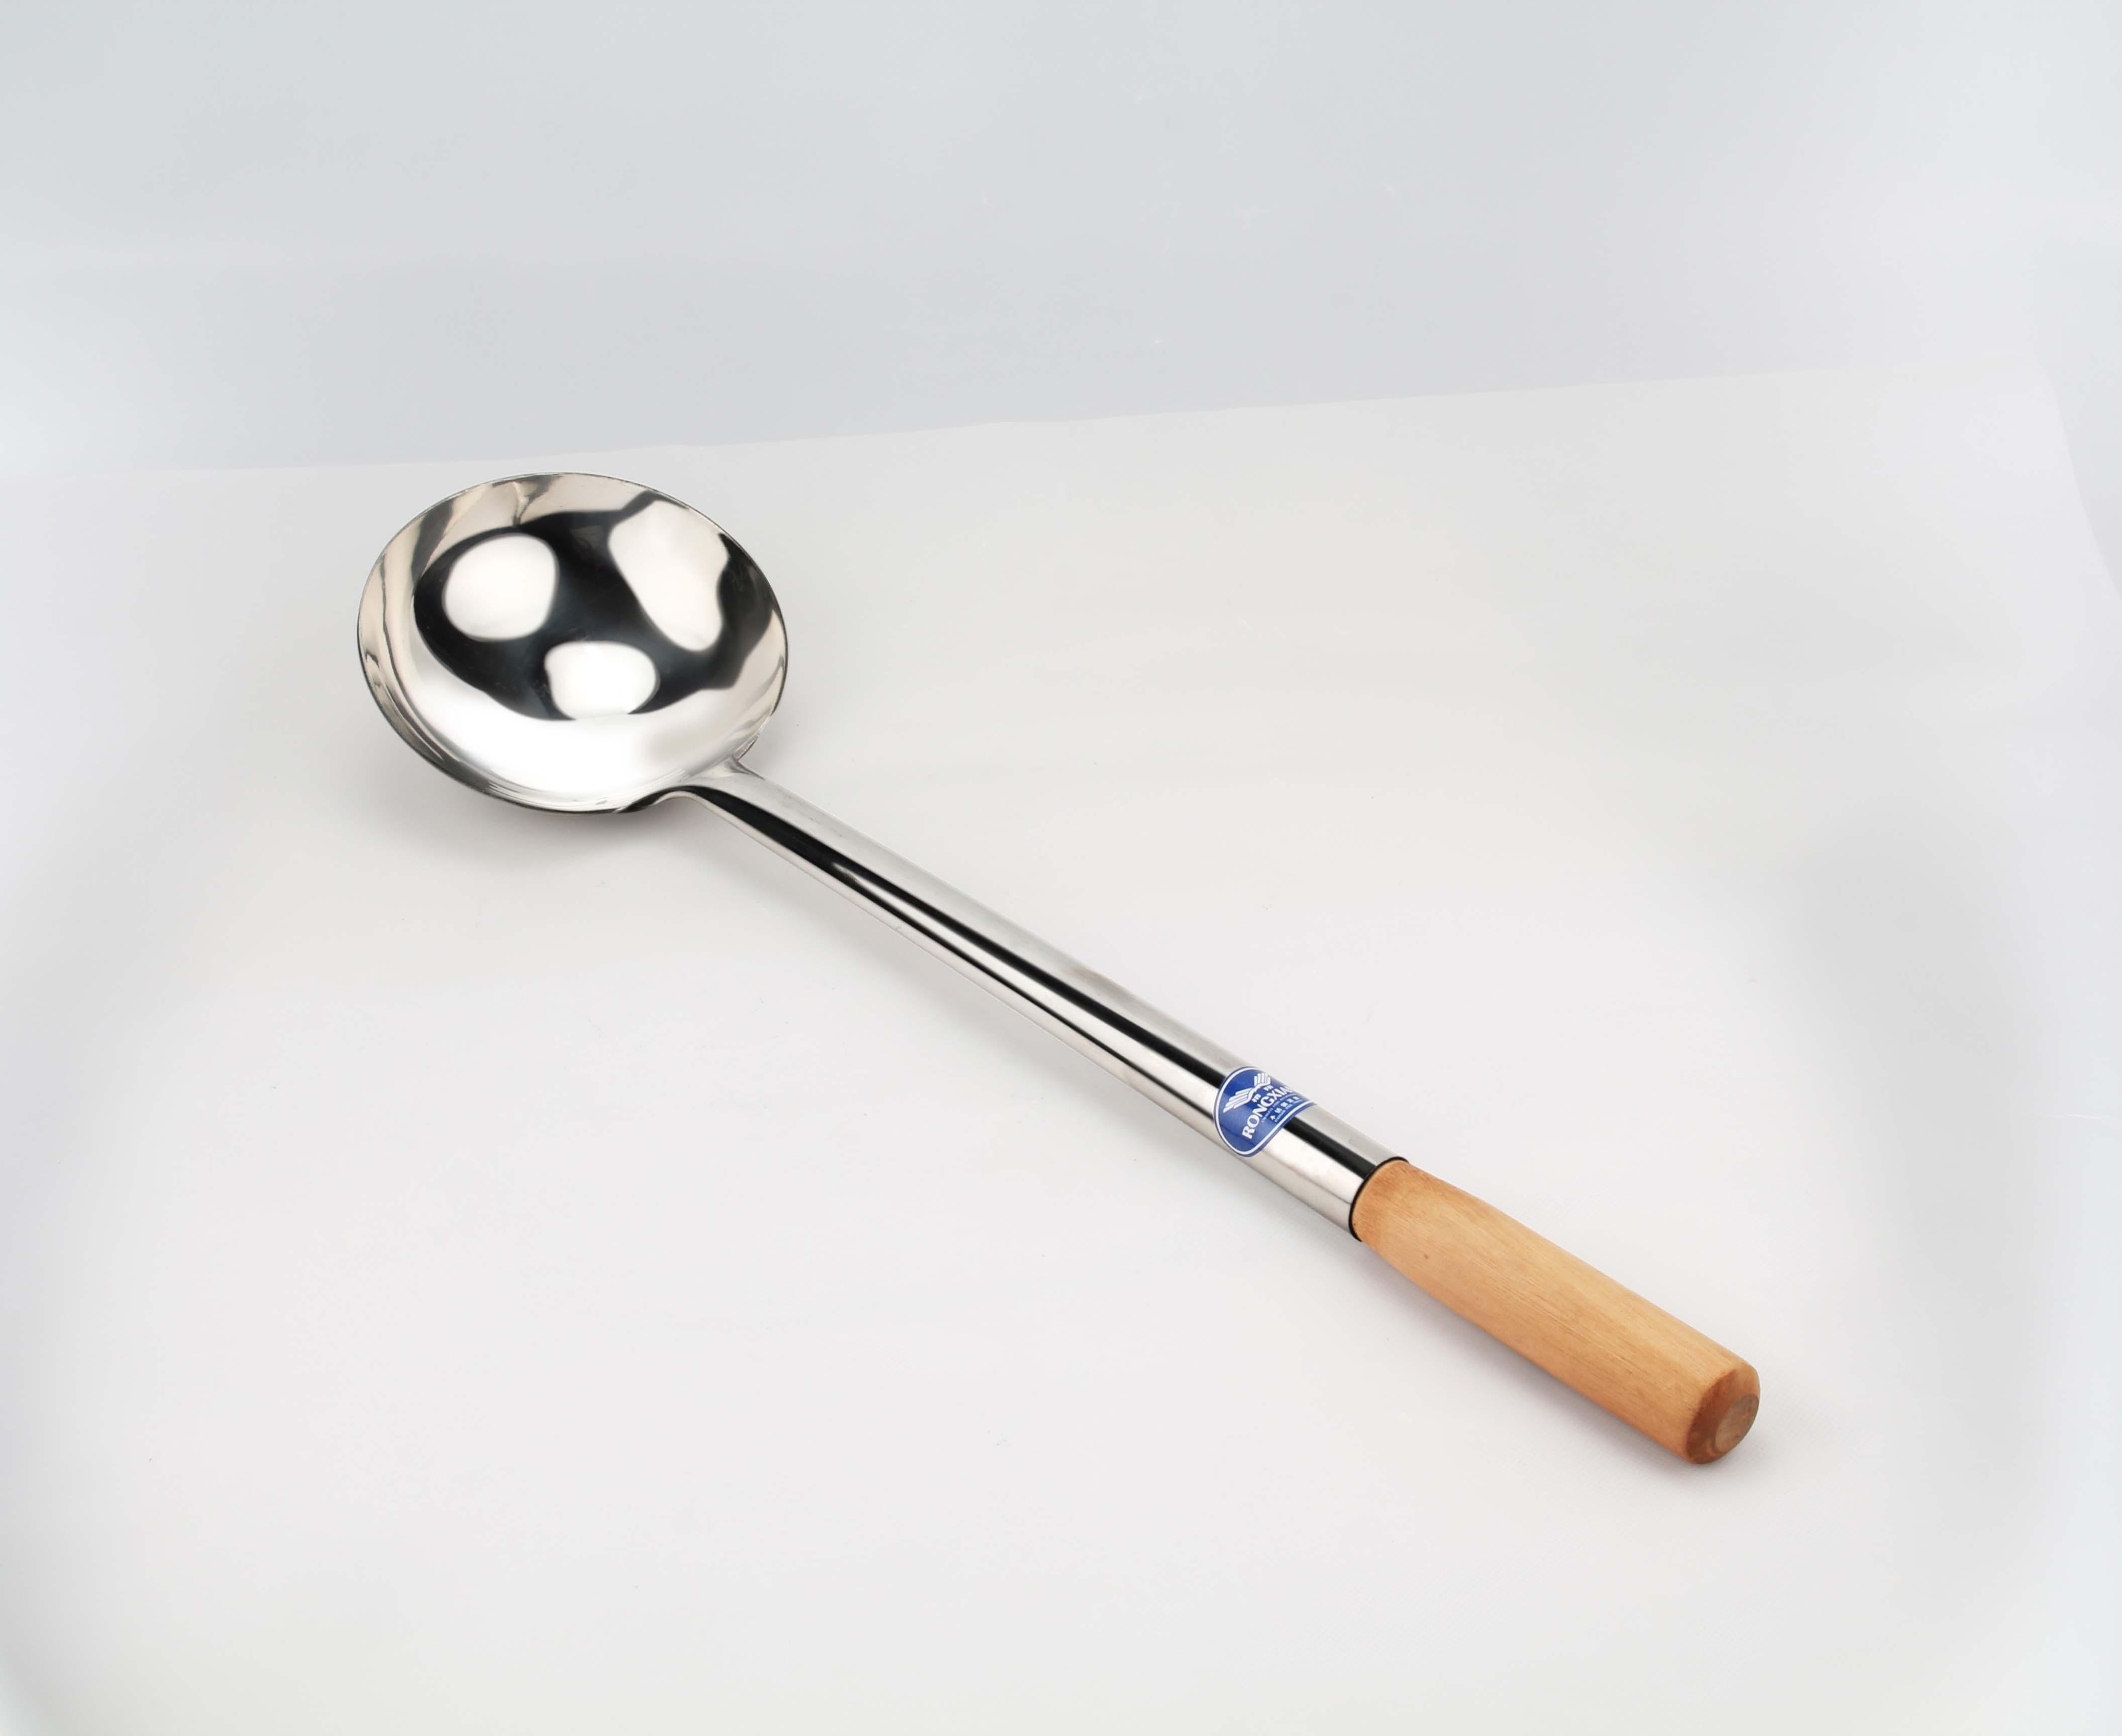 陕西加尔伏商贸有限公司|加尔伏厨具:不锈钢清洗小妙招